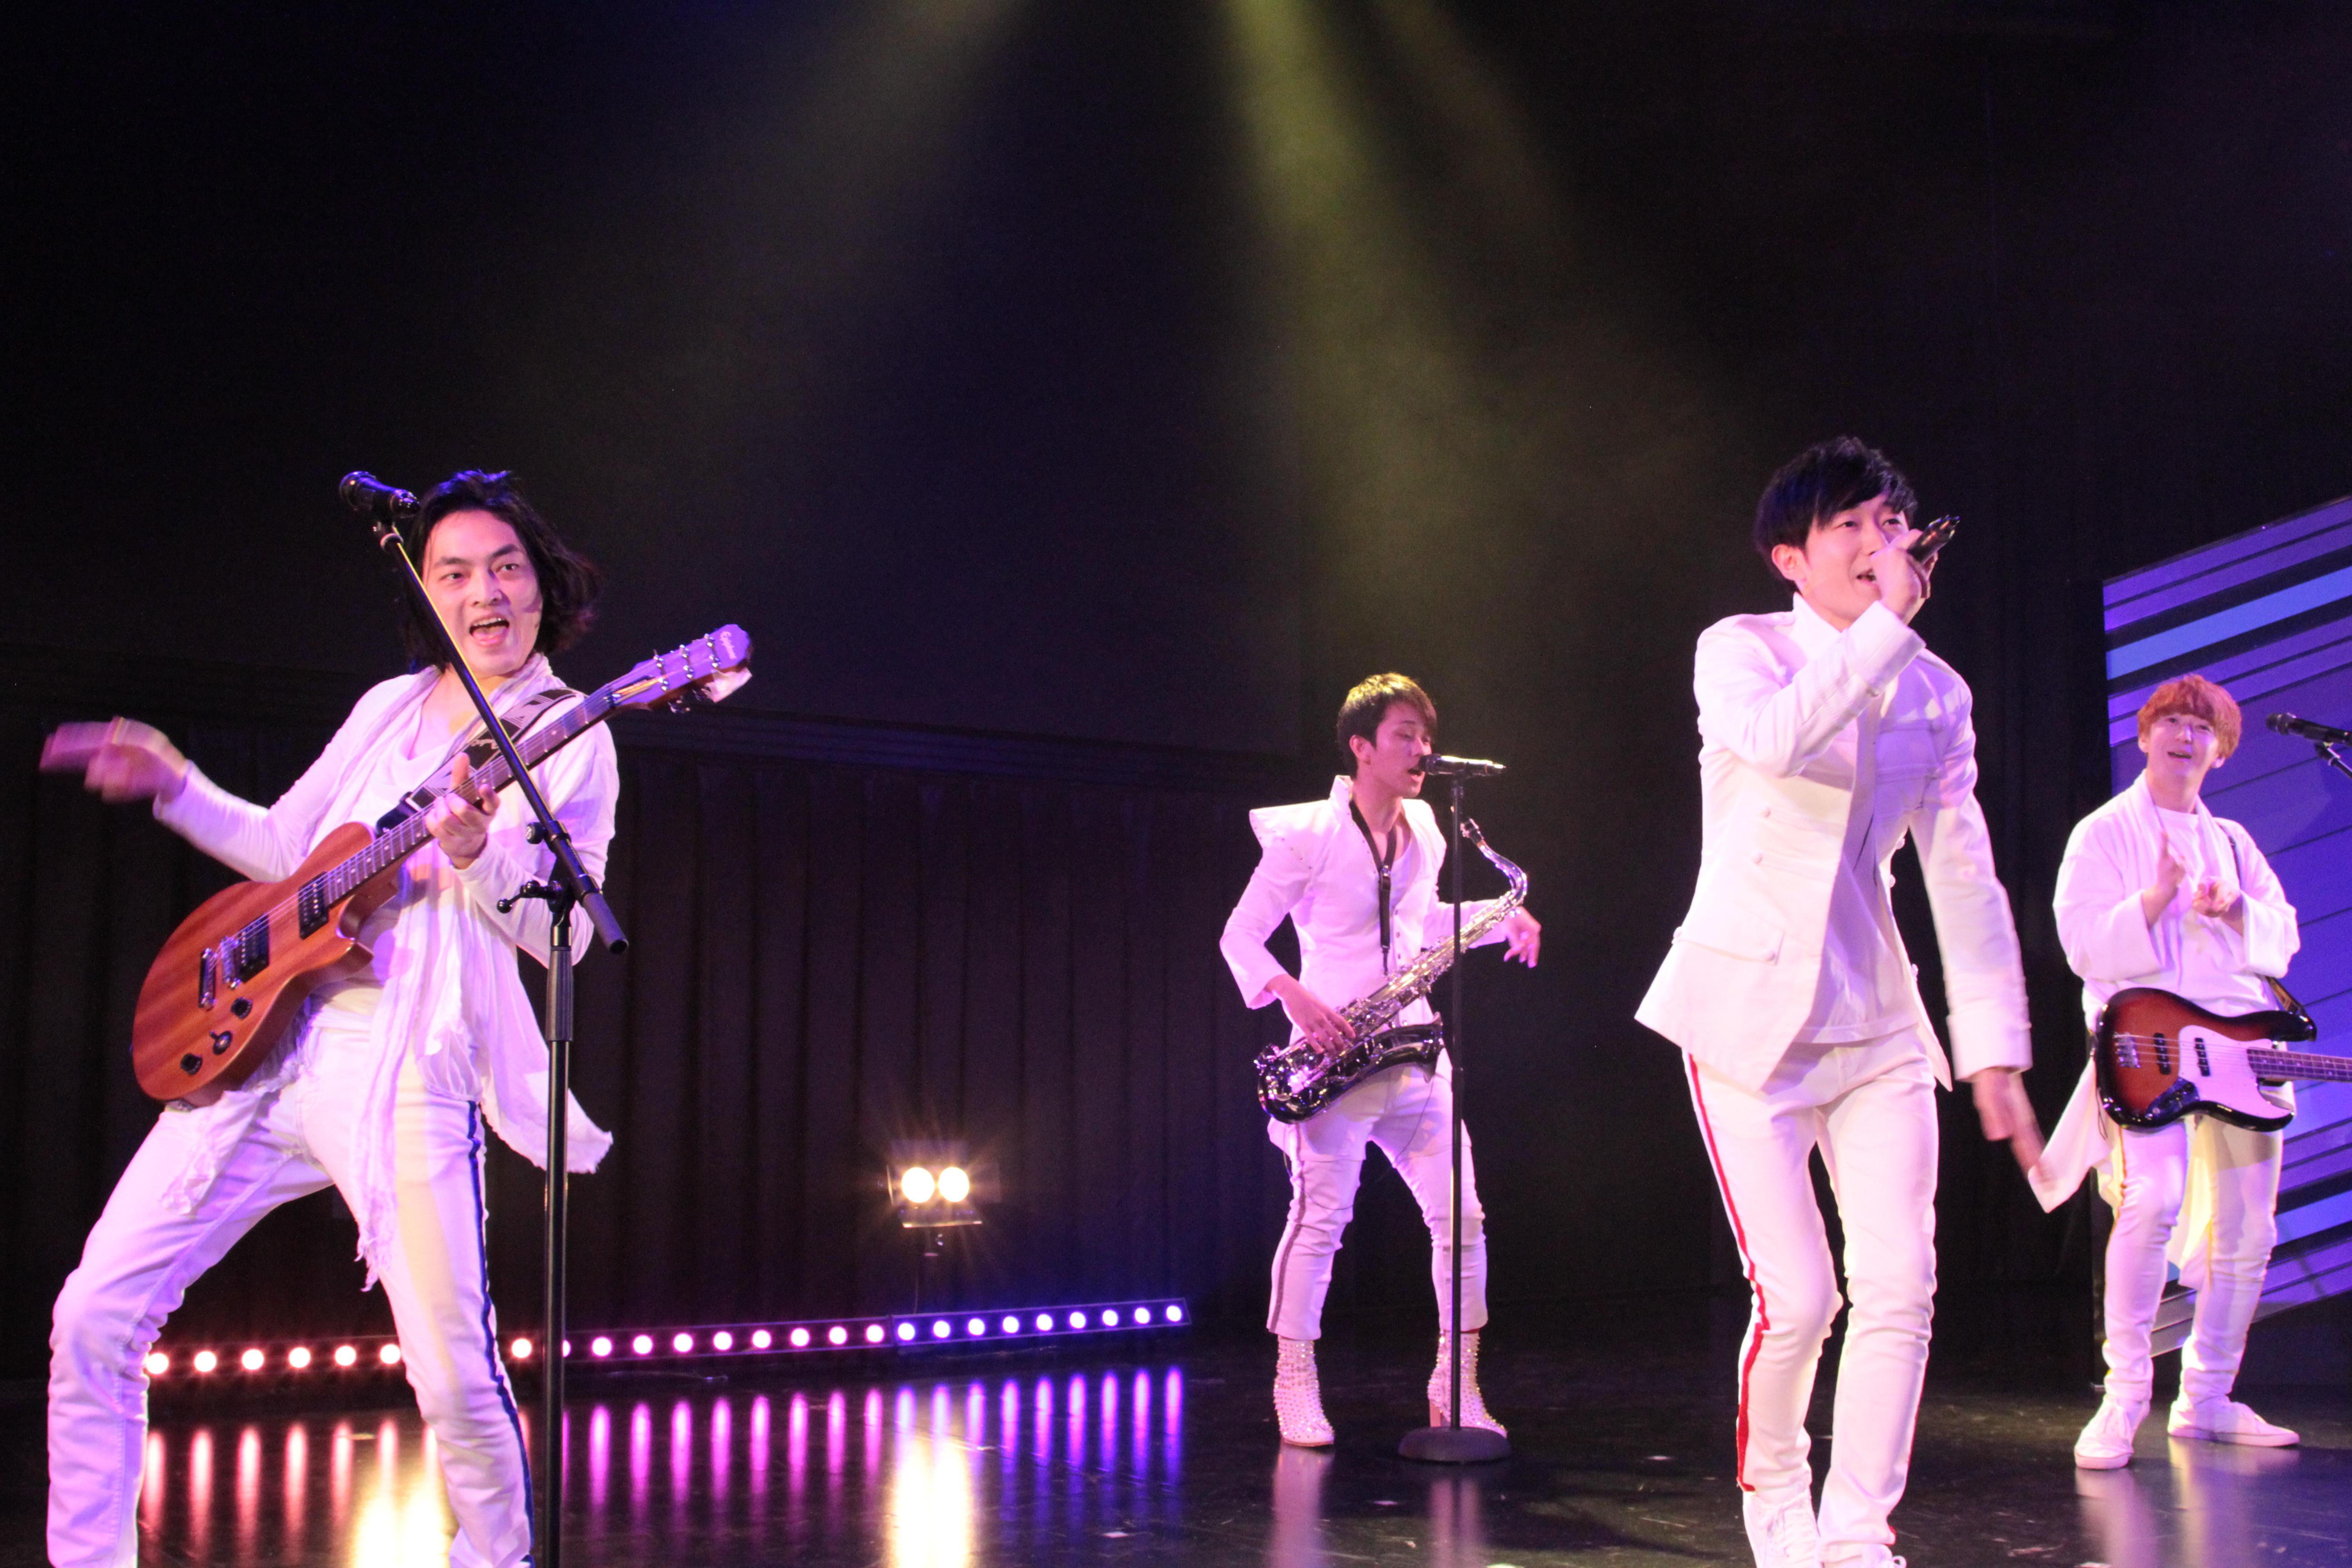 http://news.yoshimoto.co.jp/20190107133958-5ff957ff815401f0b8ba1e6984653f1ac4286a88.jpg